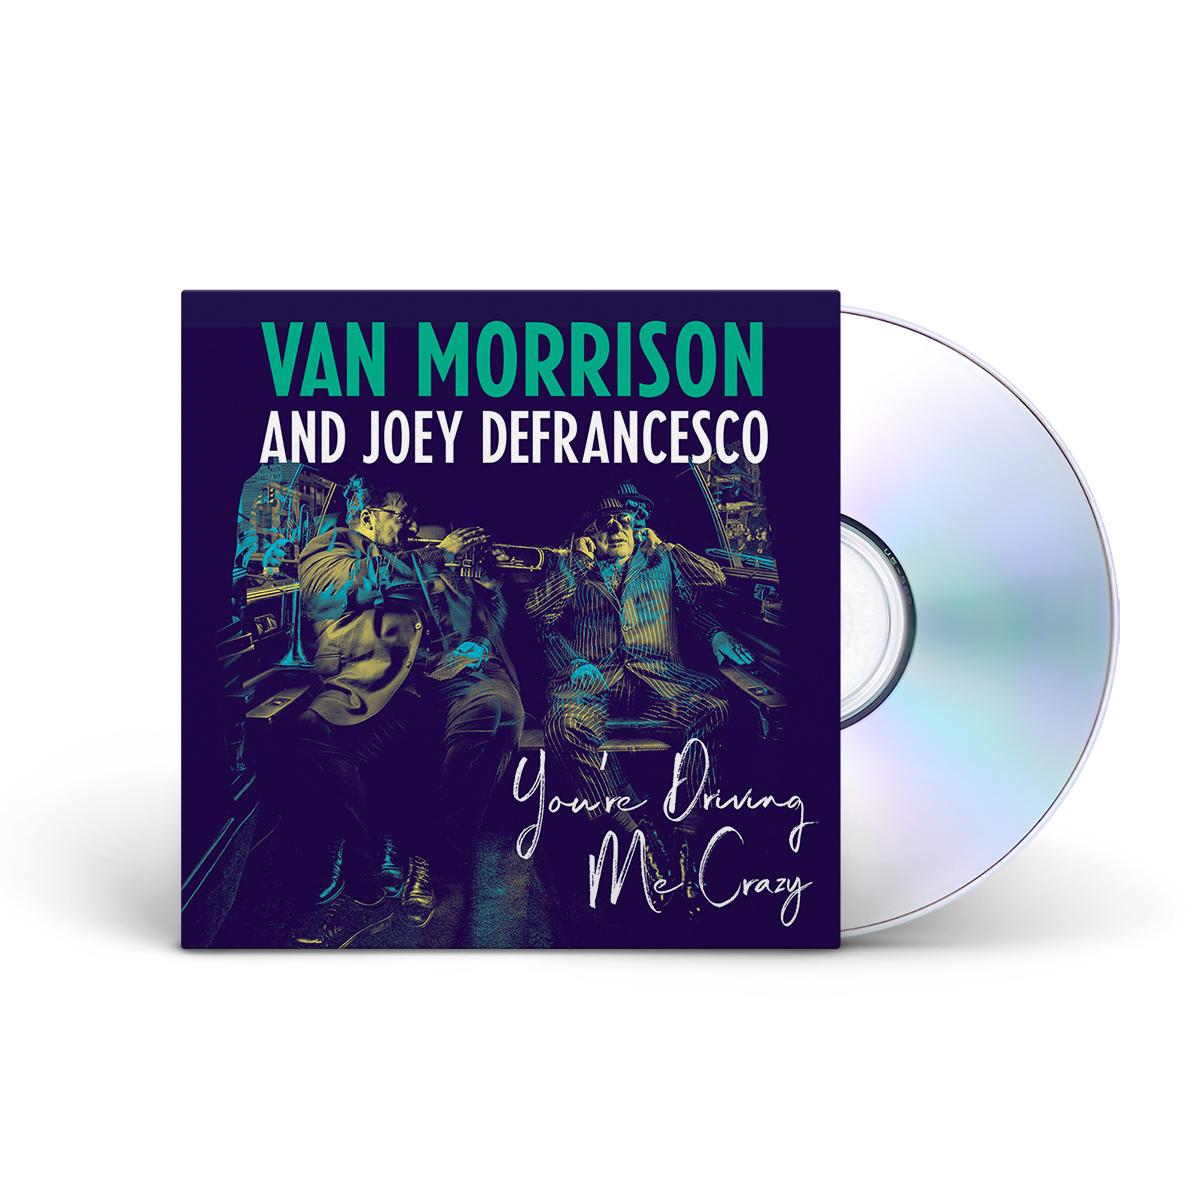 Van Morrison You're Driving Me Crazy CD